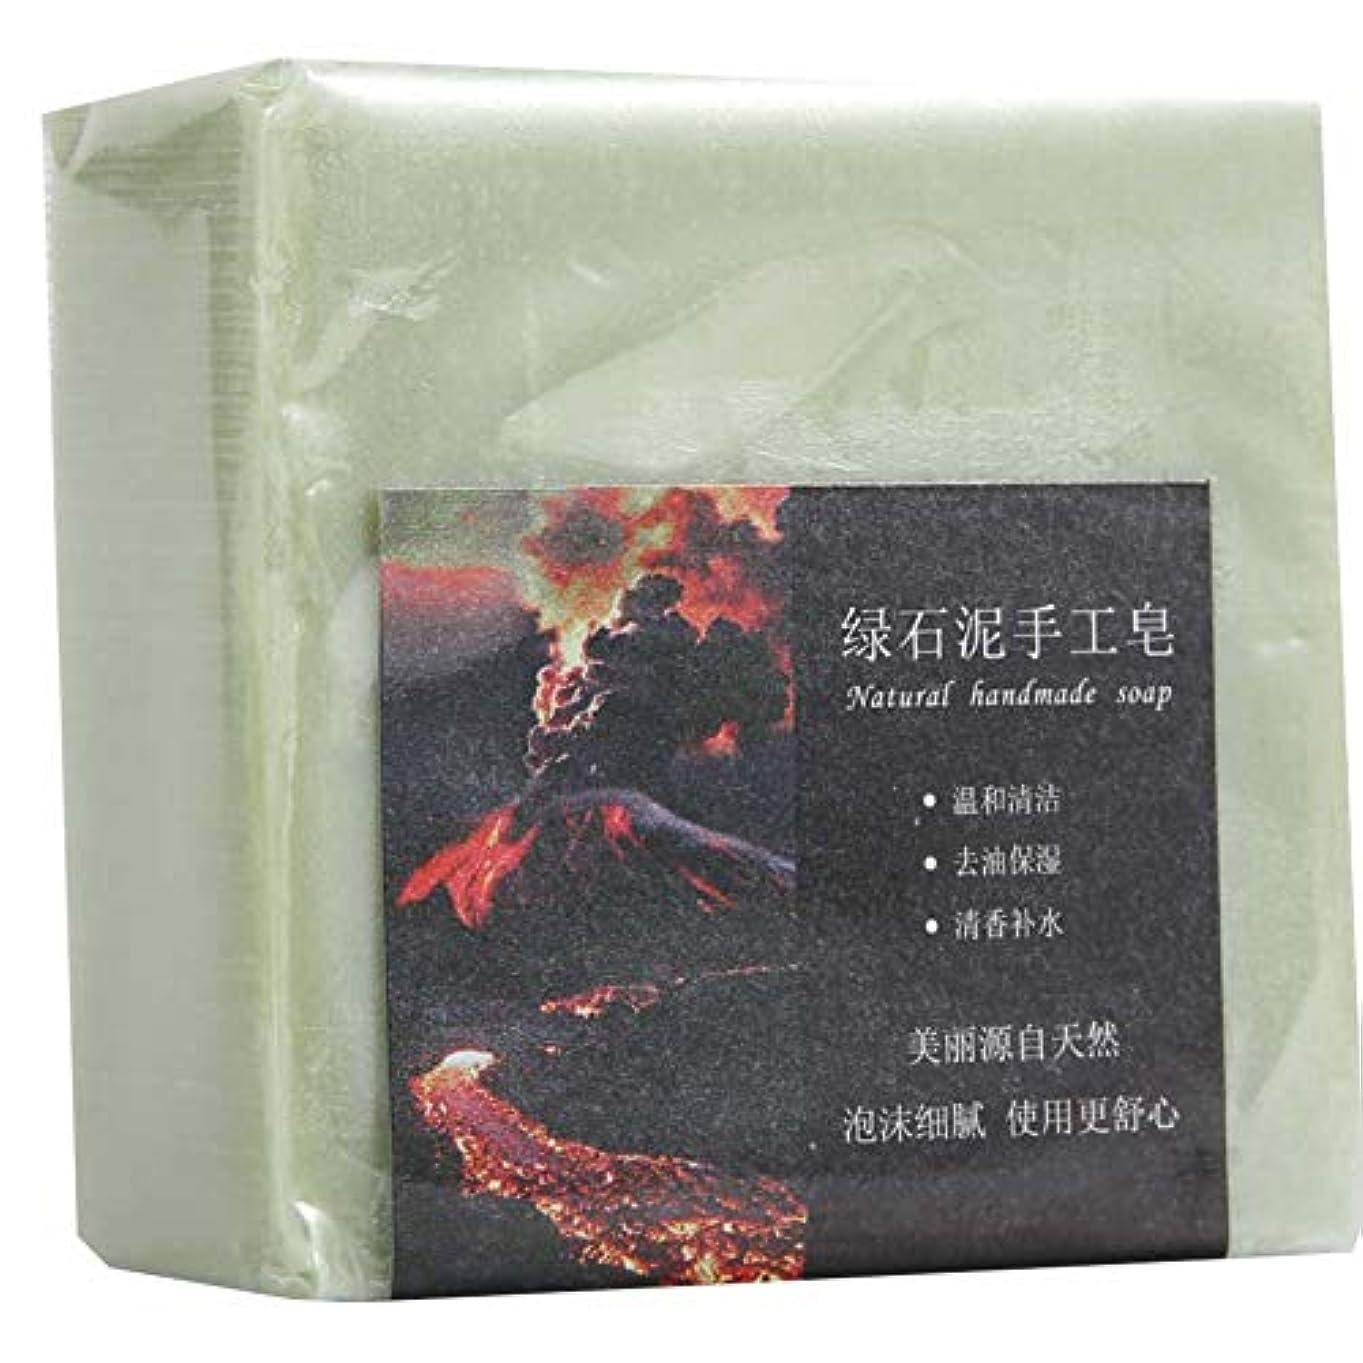 健康興奮する灌漑ハンドメイドグリーンクレイソープ 優しい フェイシャルクリーニング 保湿フェイシャルケア バスエッセンシャルオイルソープ